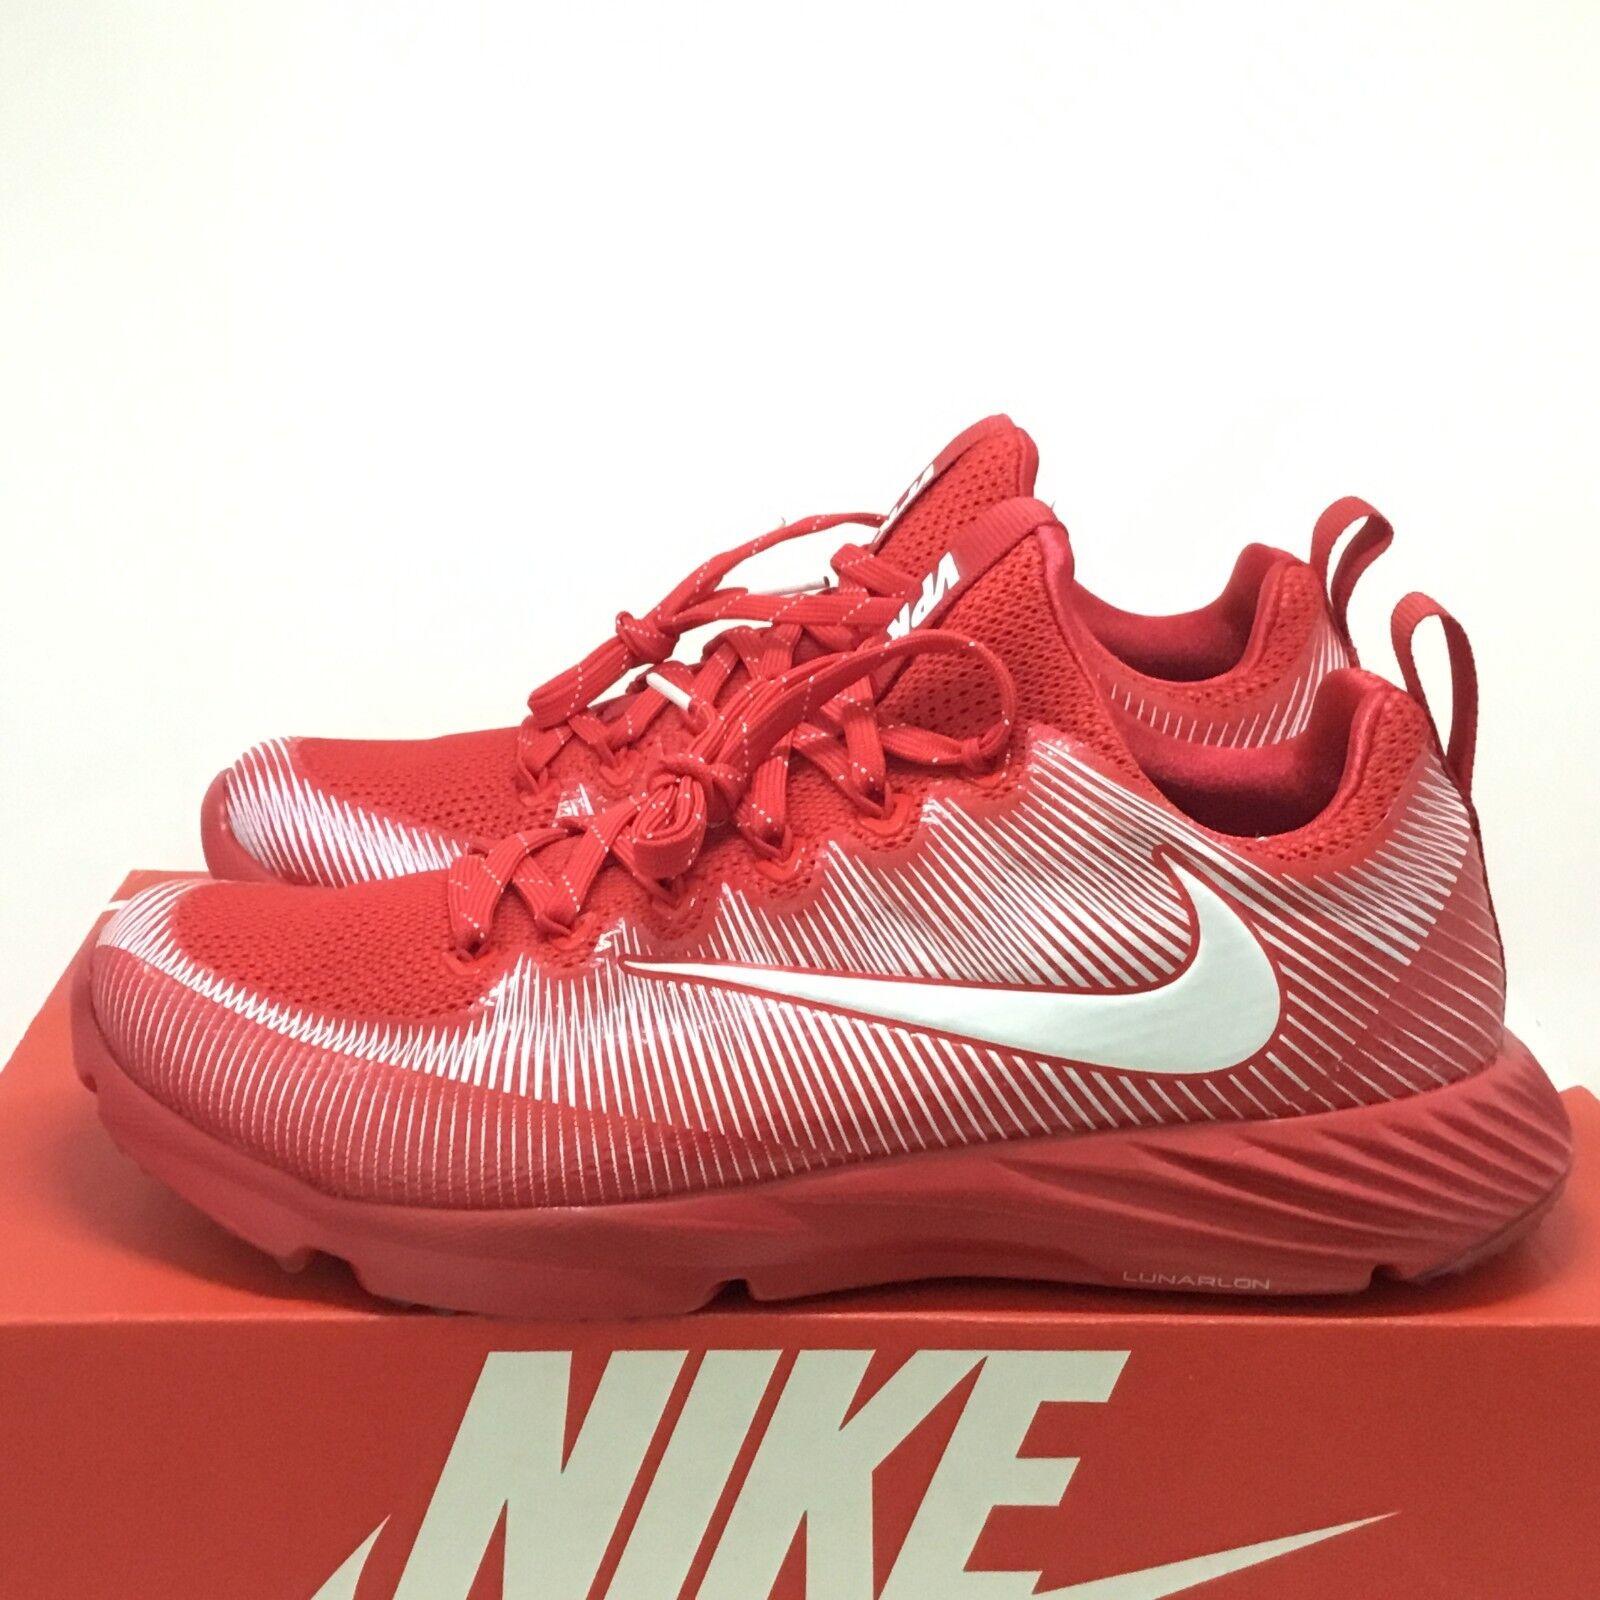 Nike vapore velocità territorio aeroporto allenatore di calcio scarpe rosso - bianco - sz 8 (833408-611)